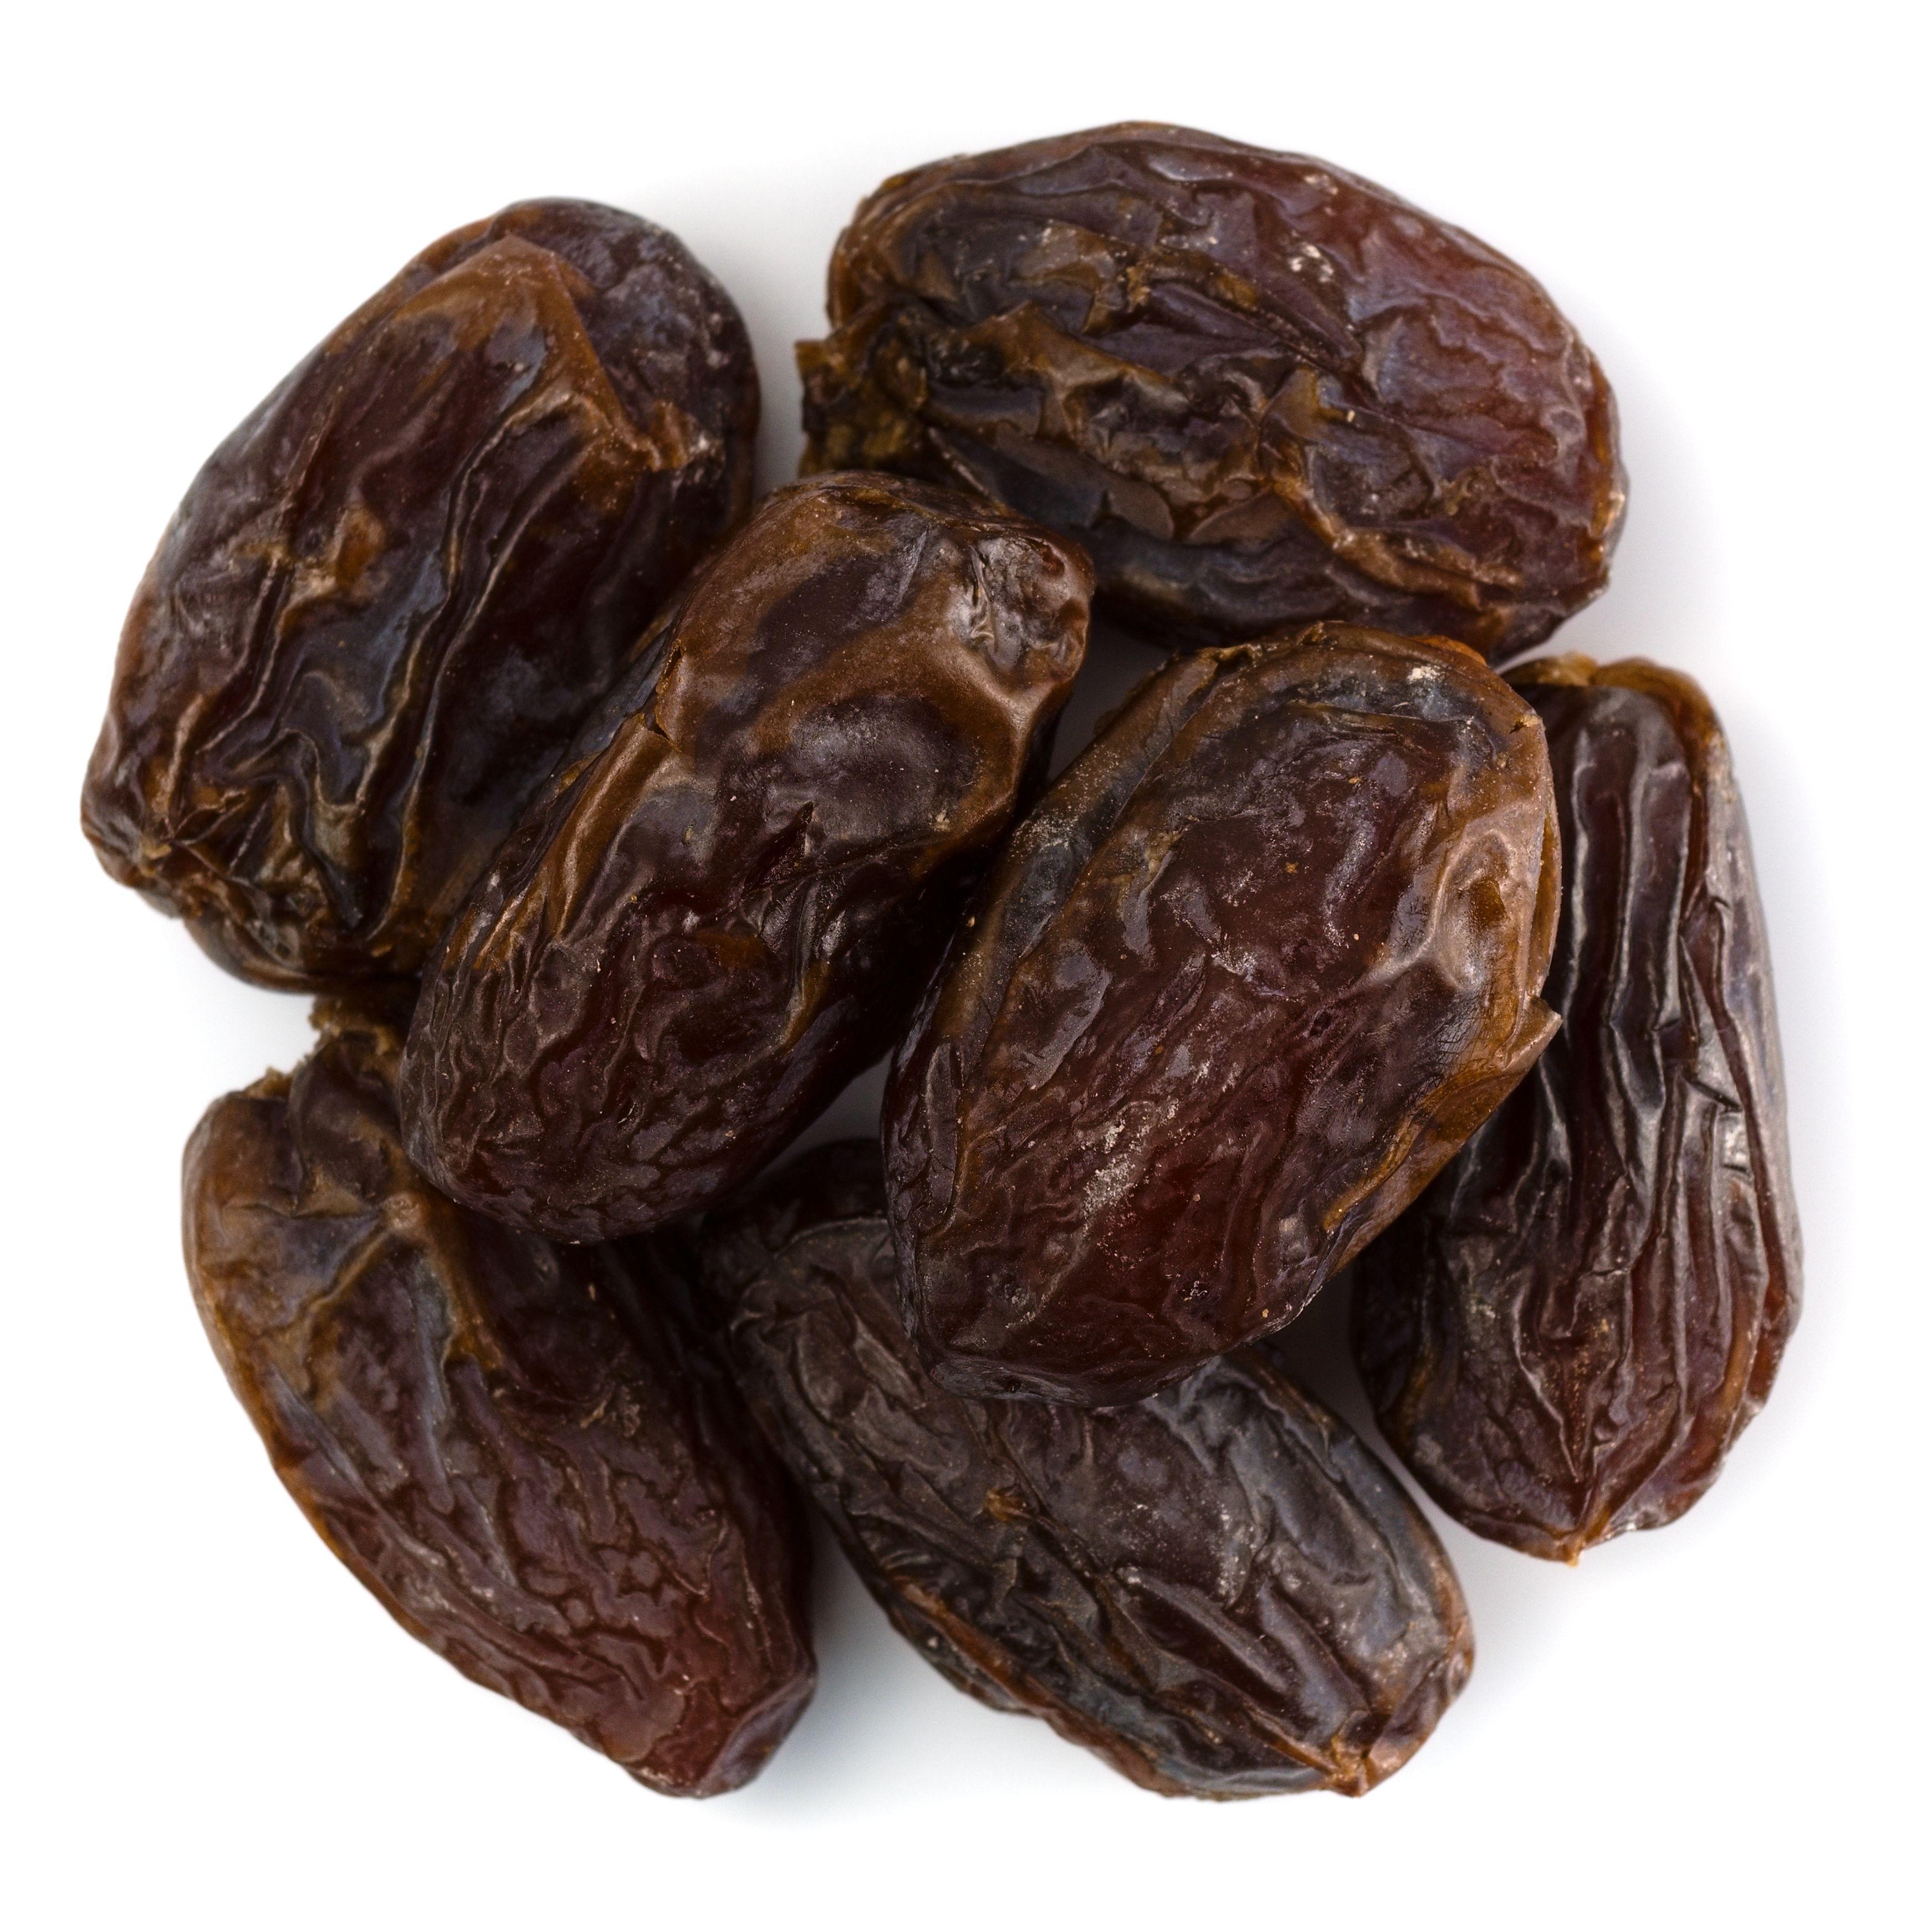 NUTSMAN Datle sušené s peckou Medjoul Jumbo NATURAL Množství: 500 g - nejvyšší kvalita zaručena